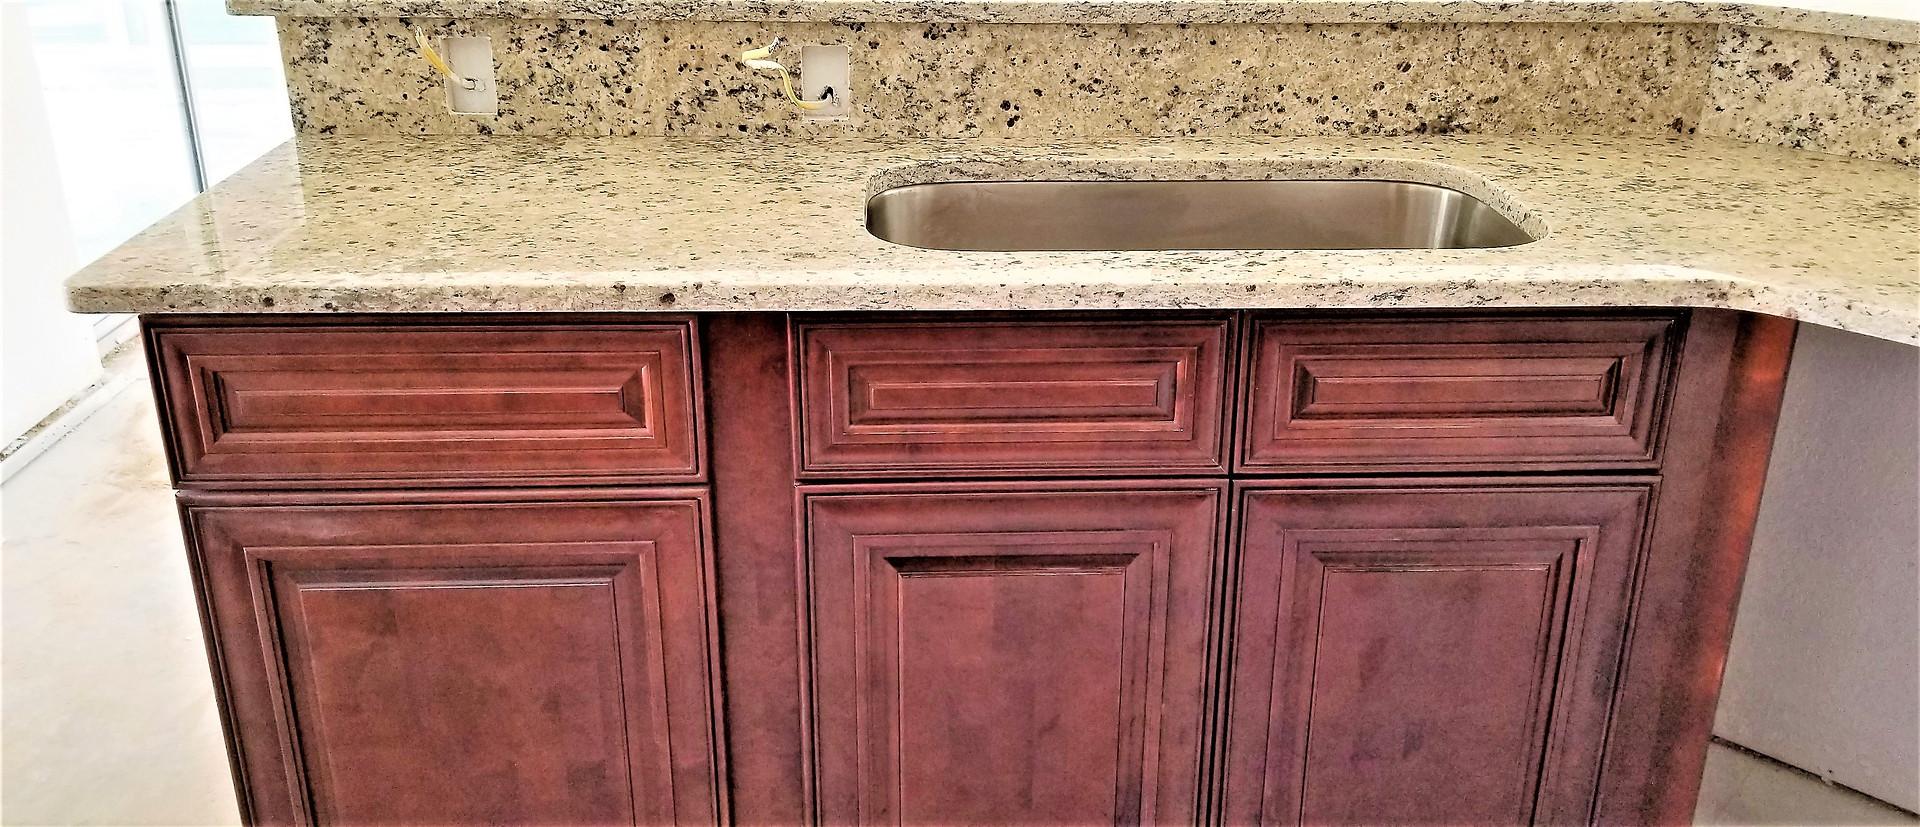 kitchen cabinet 1.jpg